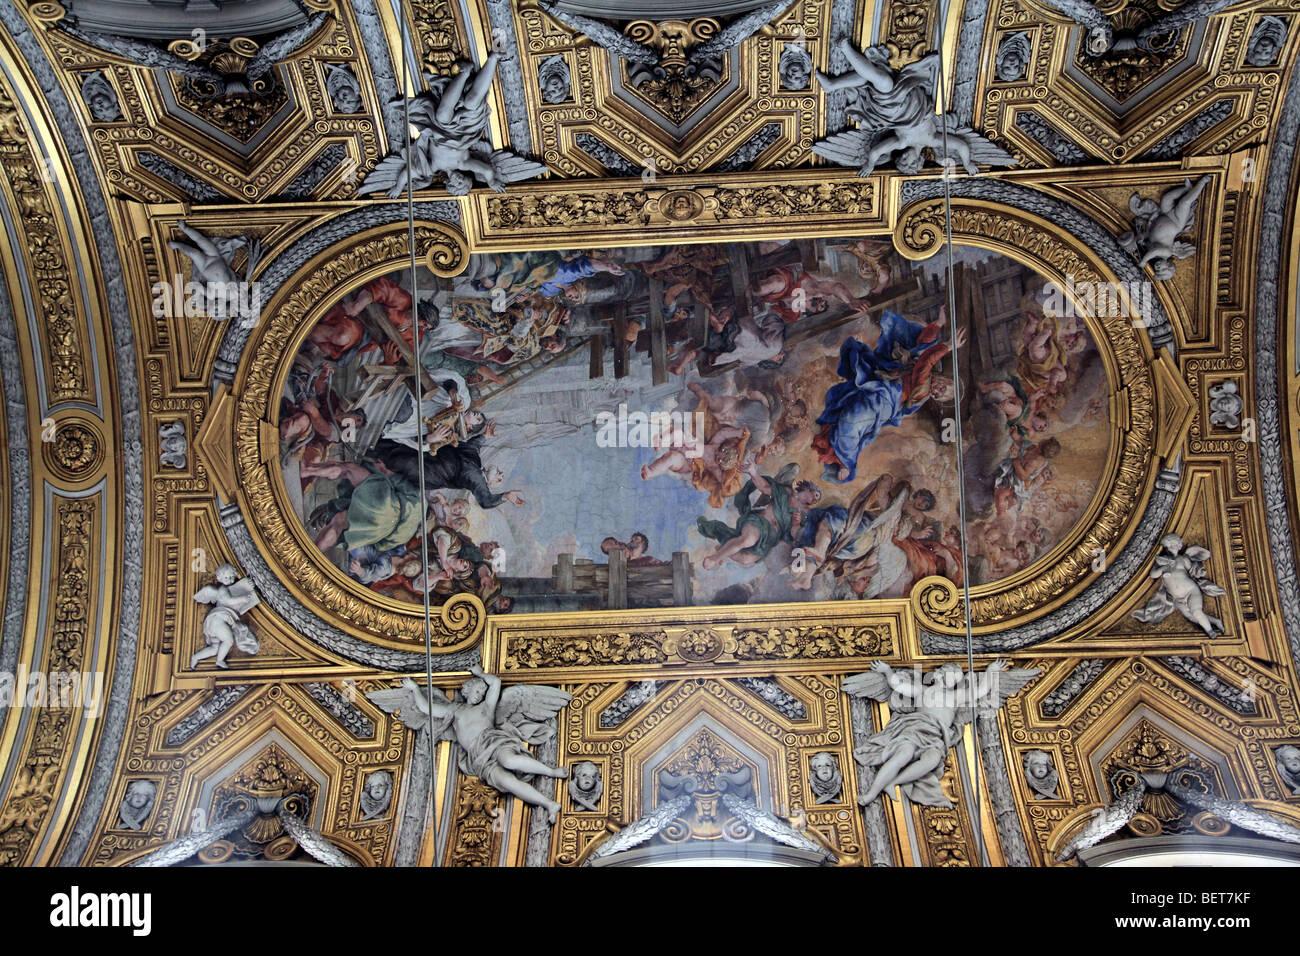 Reich verzierte Decke der Chiesa Nuova in Rom Italien Stockbild